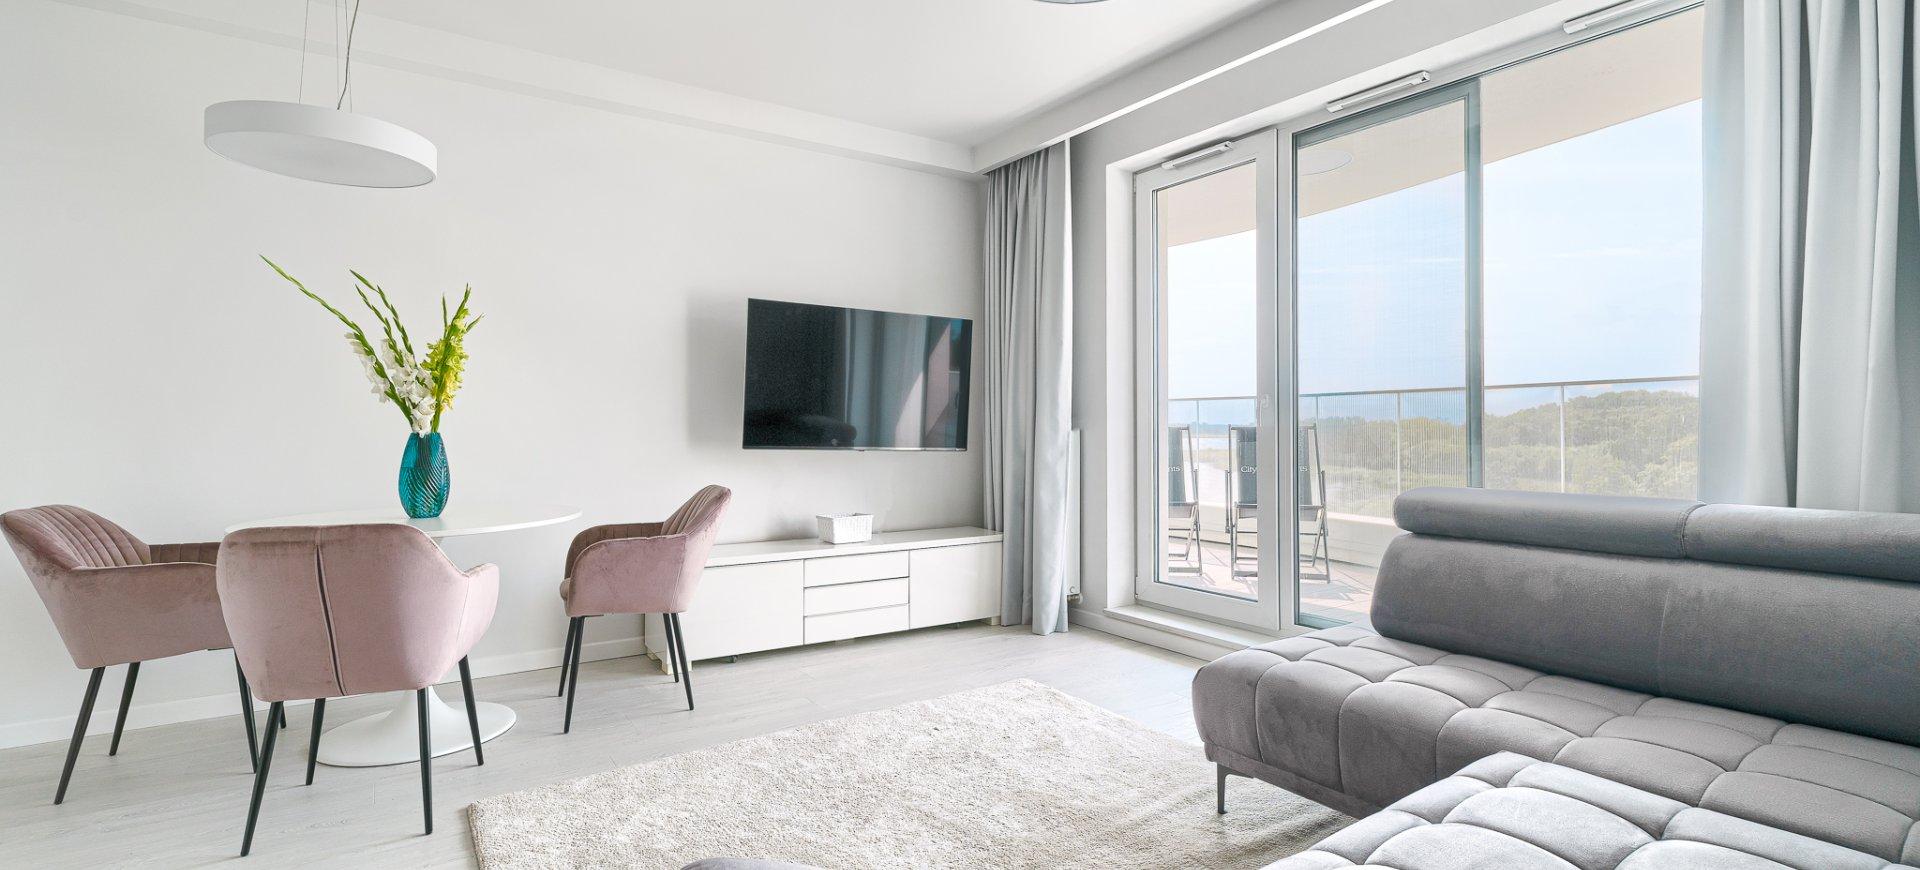 Studio Appartement Standard